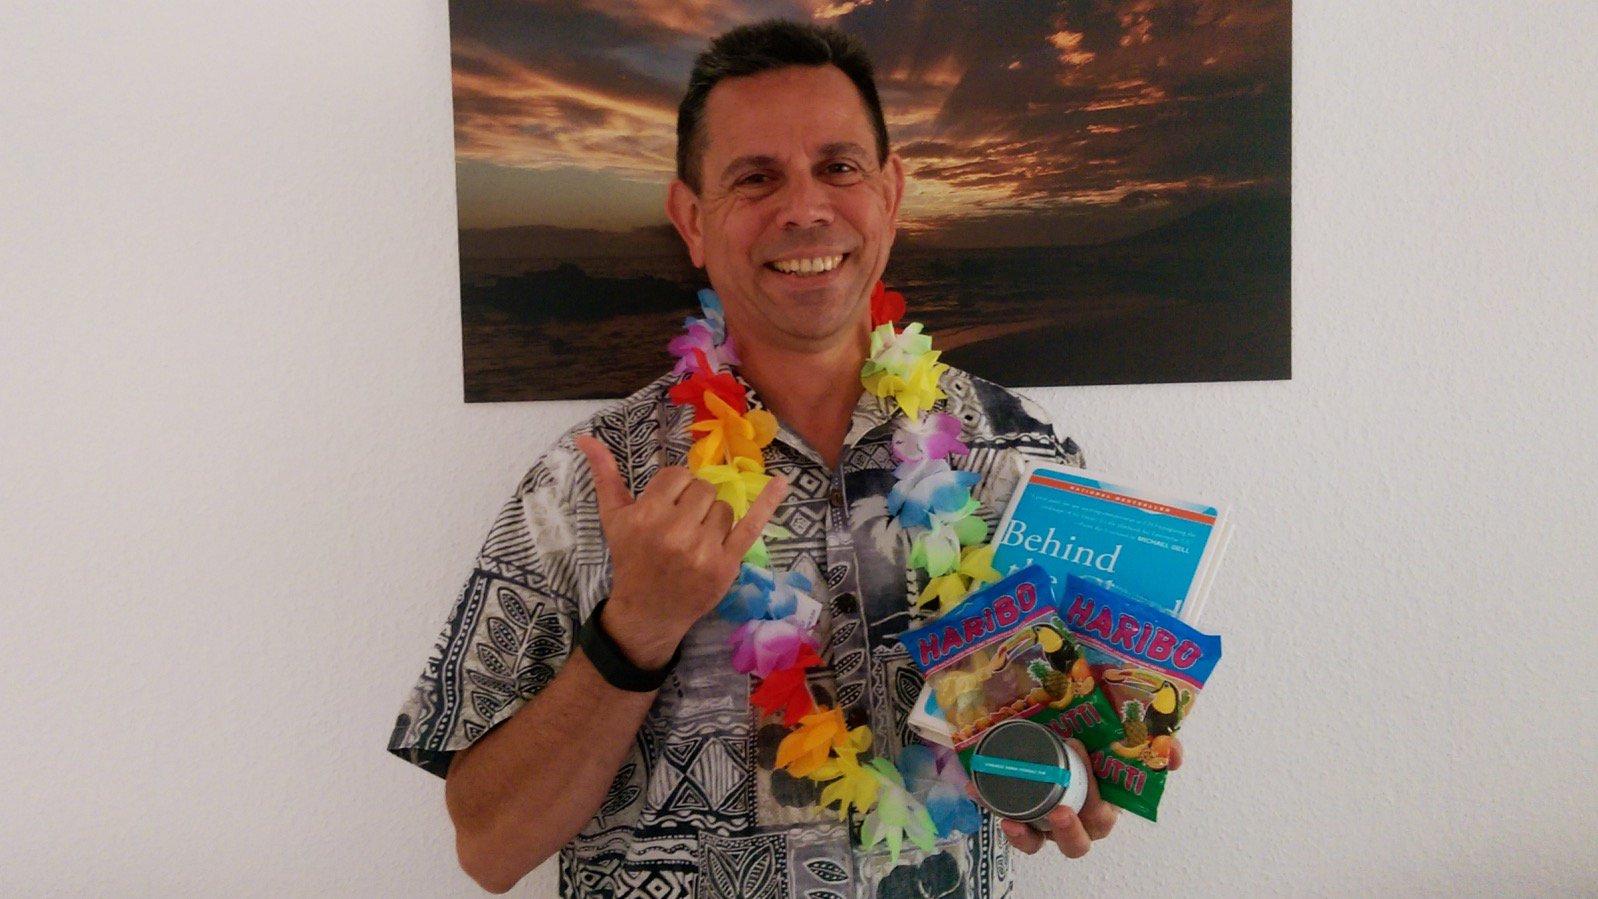 Frank Hamm (mit Shaka-Zeichen) #salesforcelive